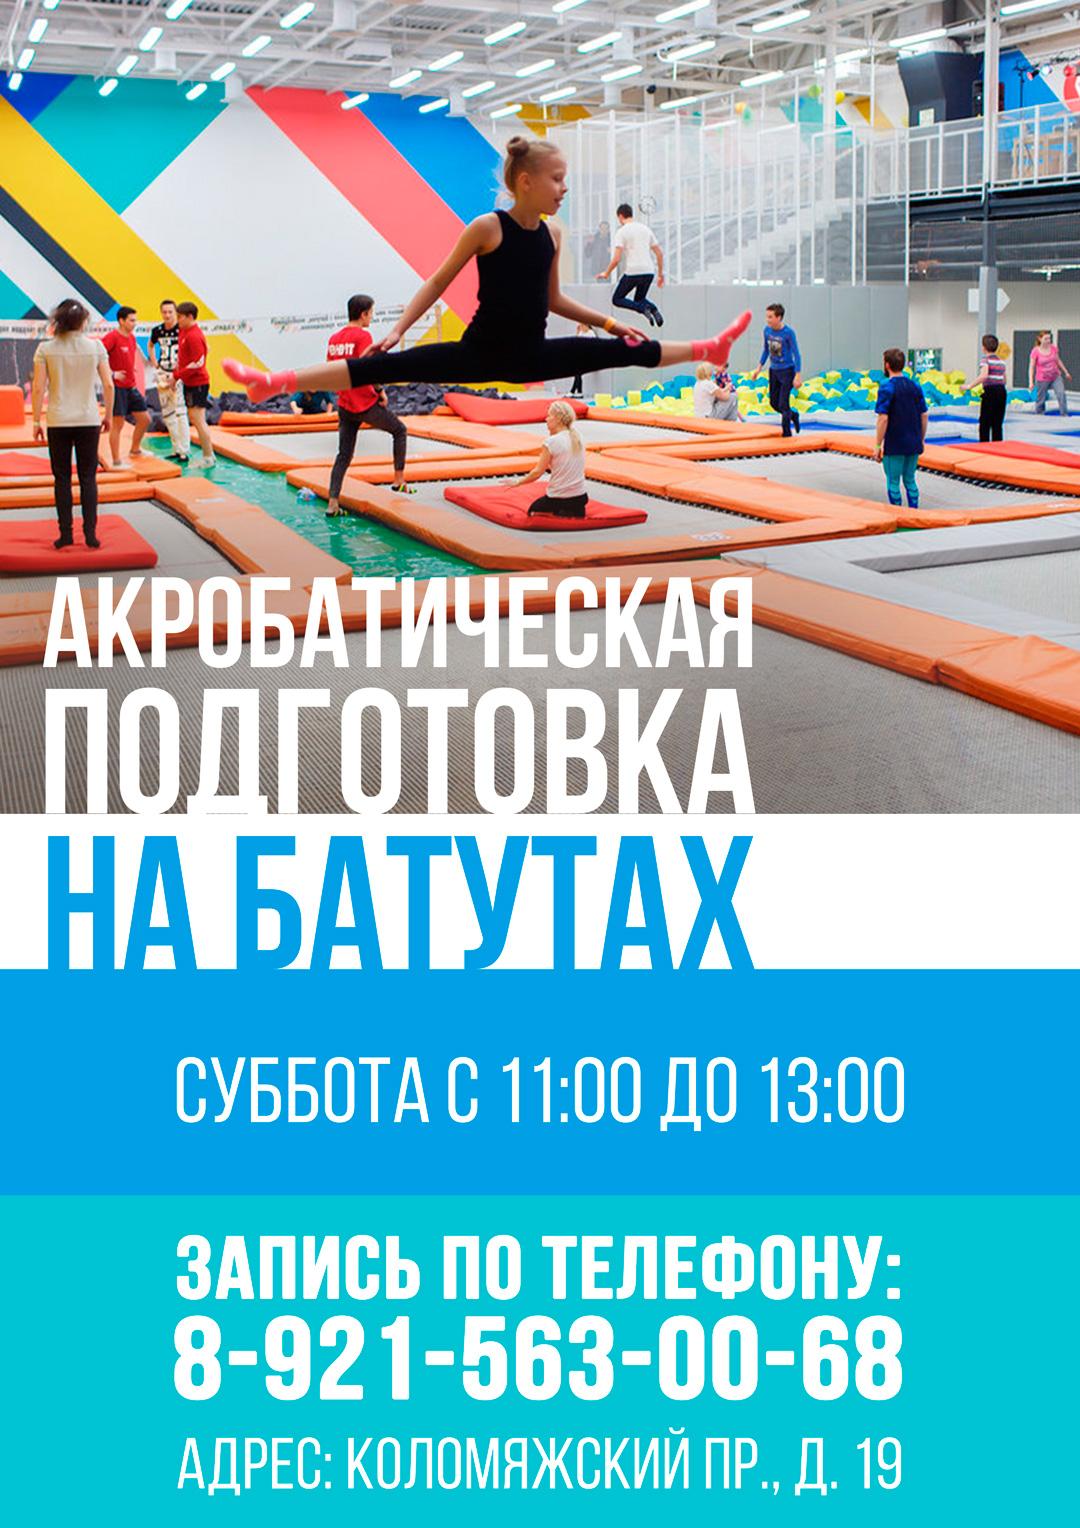 Акробатическая подготовка на батутах